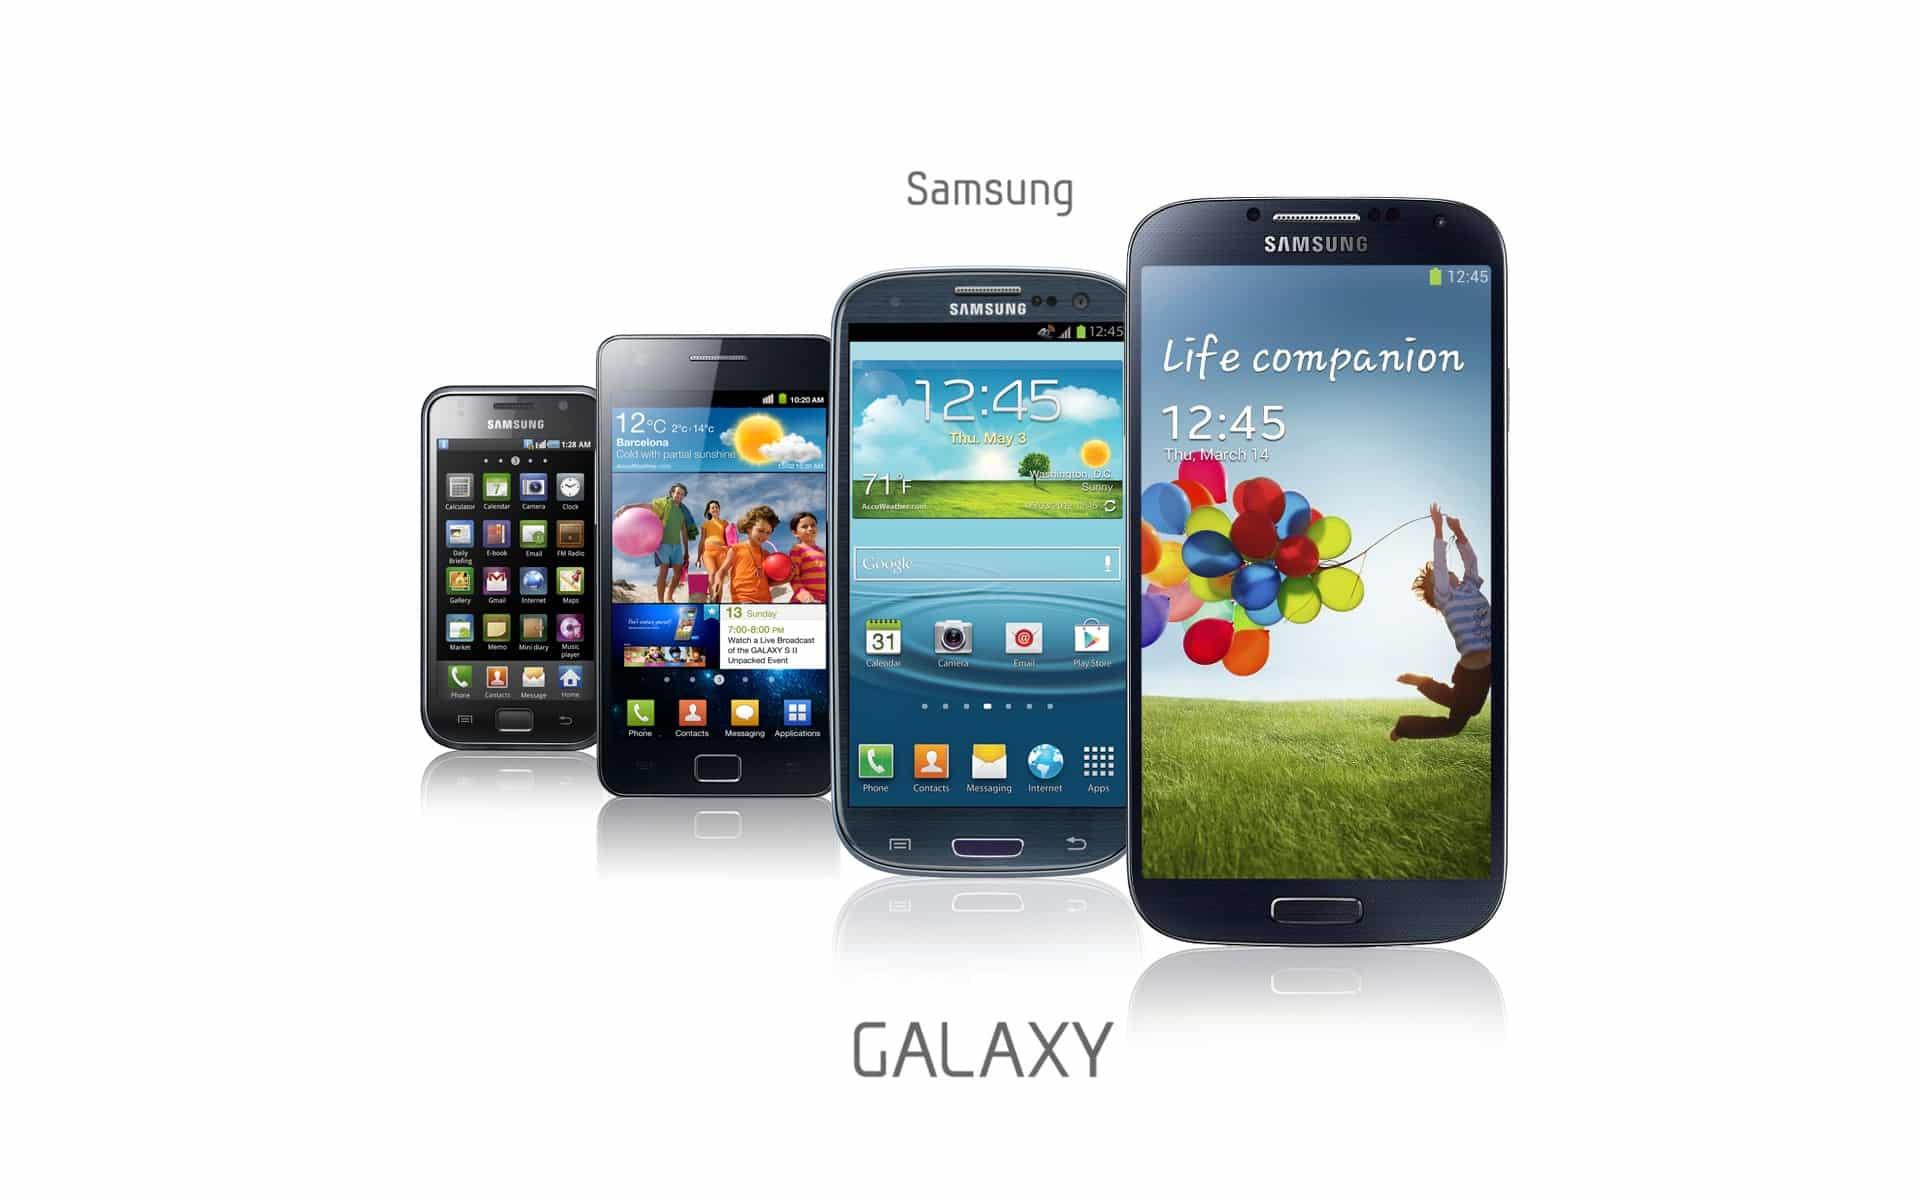 Samsung prepara la medida de reducir su oferta de smartphones en un 30%, la idea es reducir gastos.